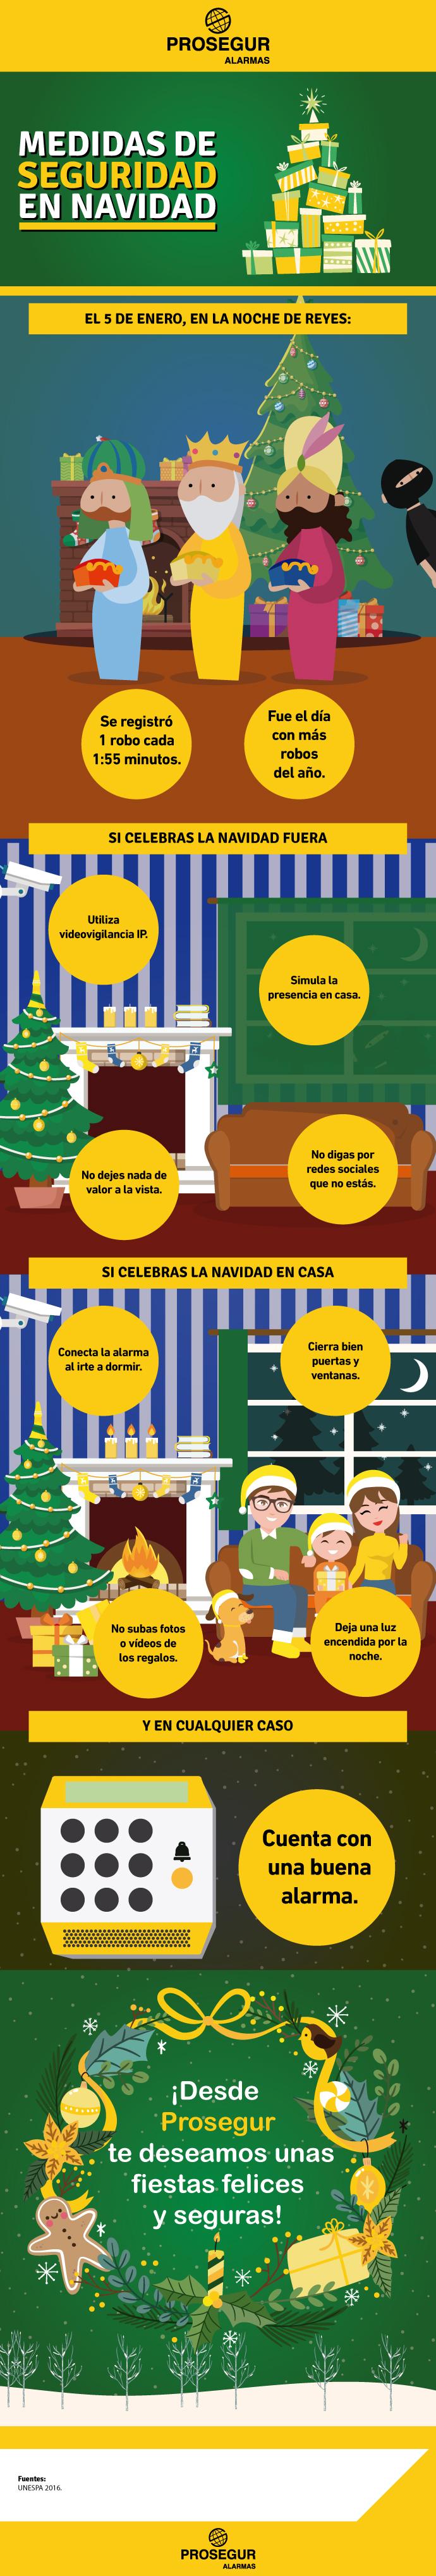 Cómo proteger la casa de los robos en Navidad - Blog Prosegur